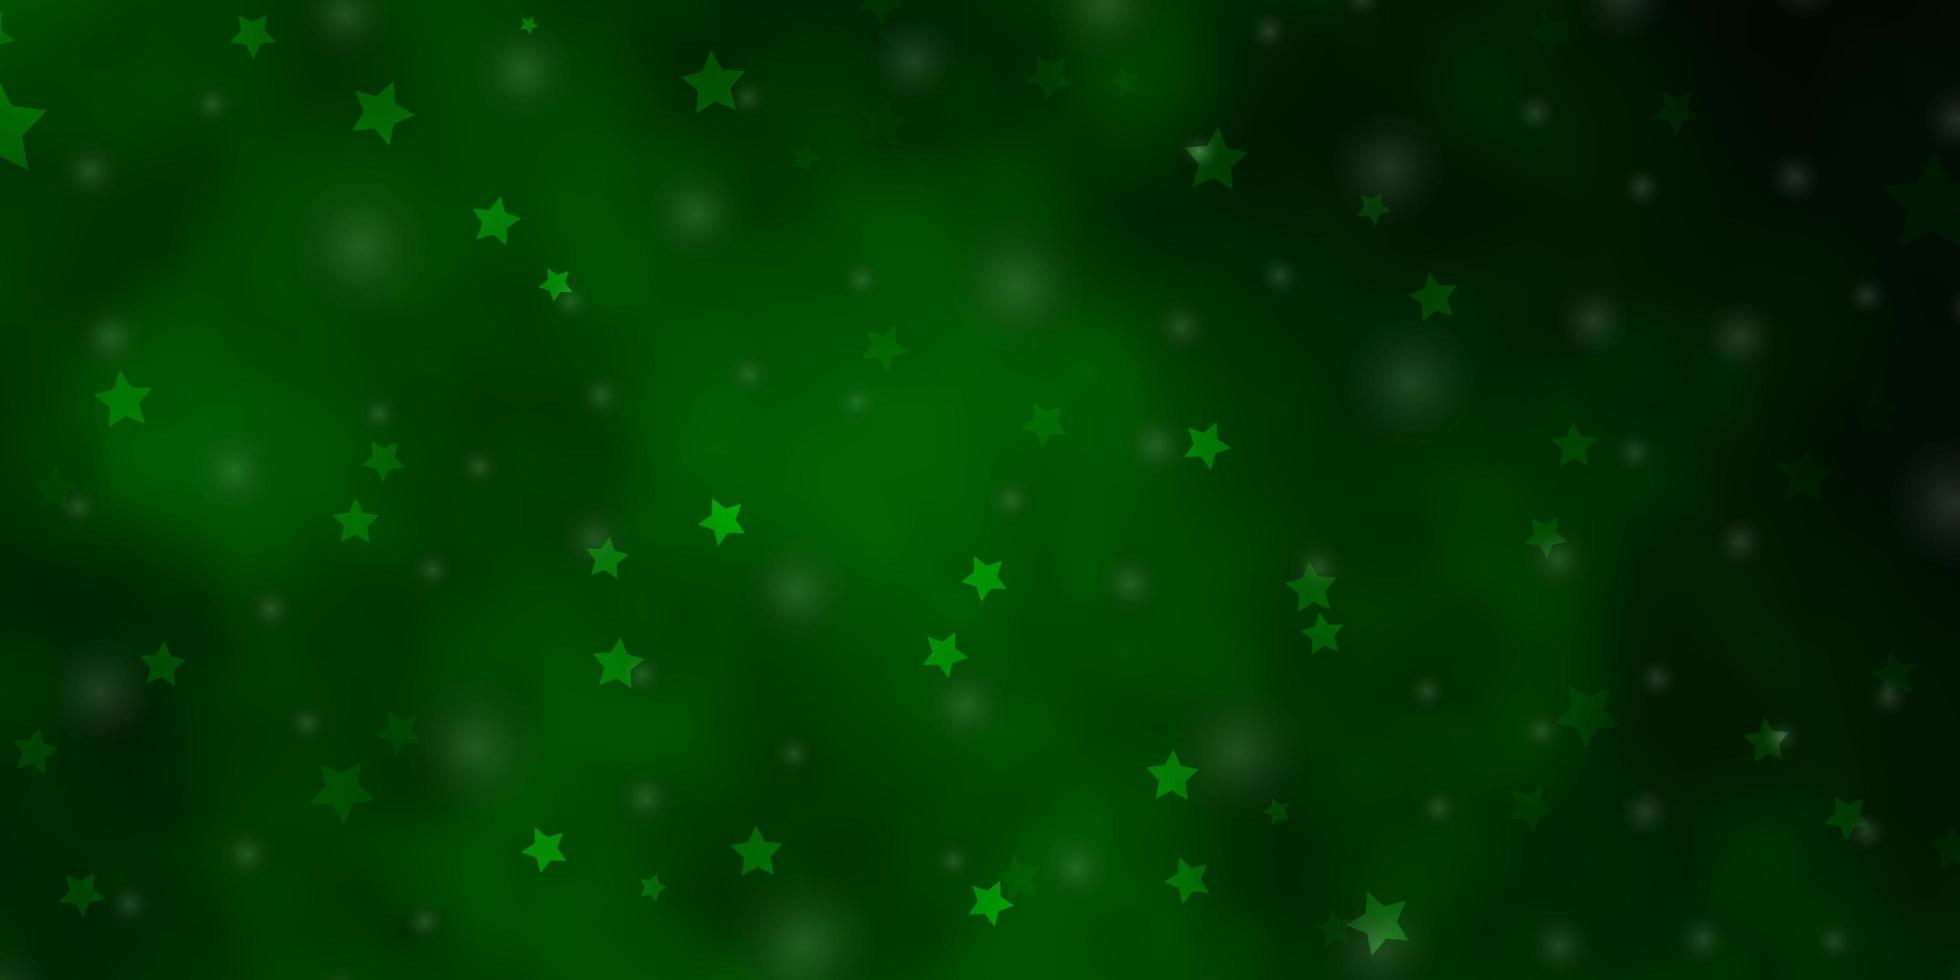 groene achtergrond met kleurrijke sterren. vector